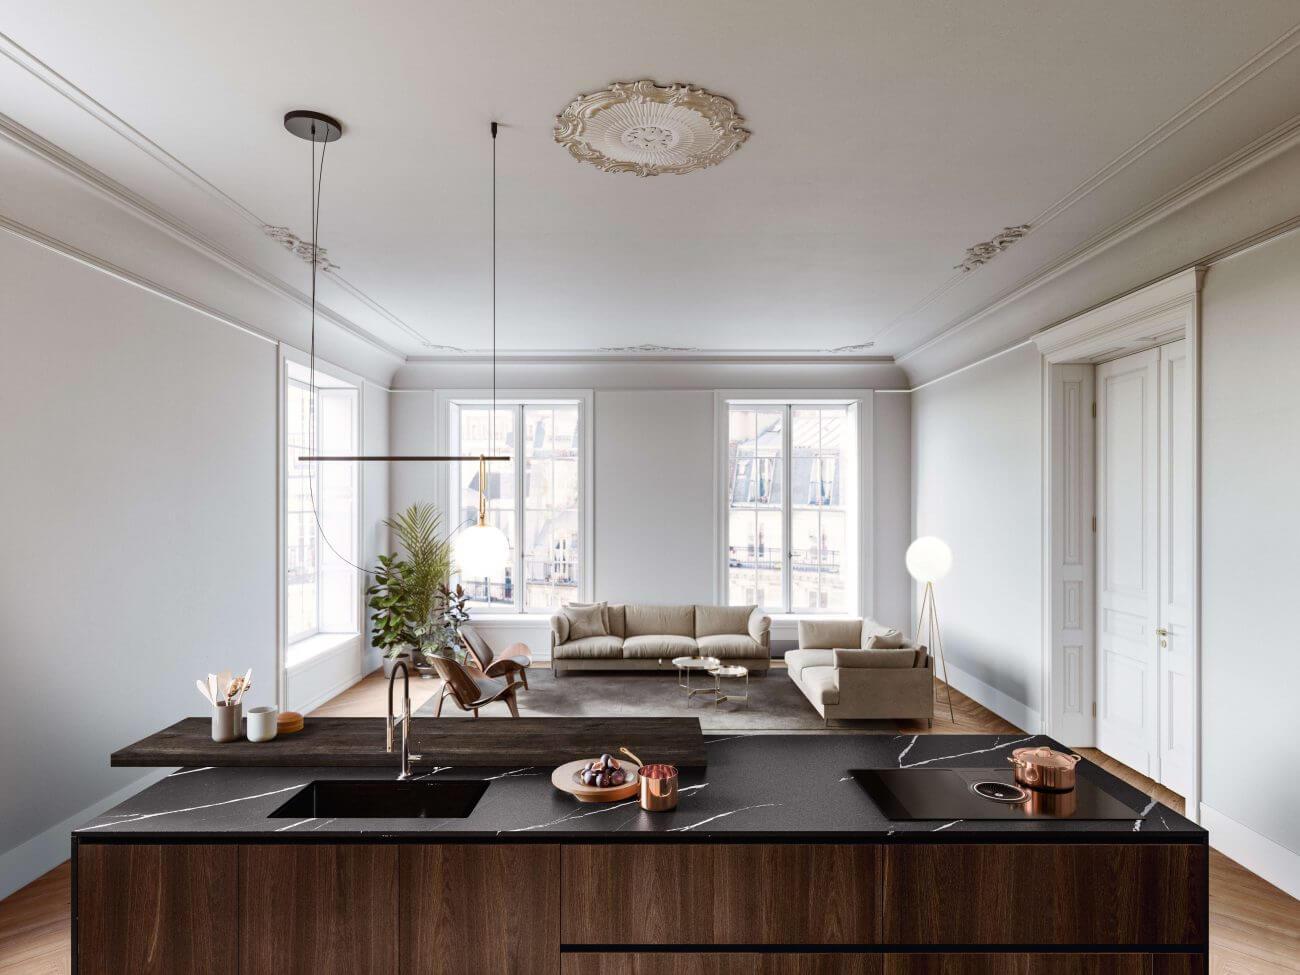 Obývačka s kuchyňou - Vyskúšajte spojiť obývačku s kuchyňou.